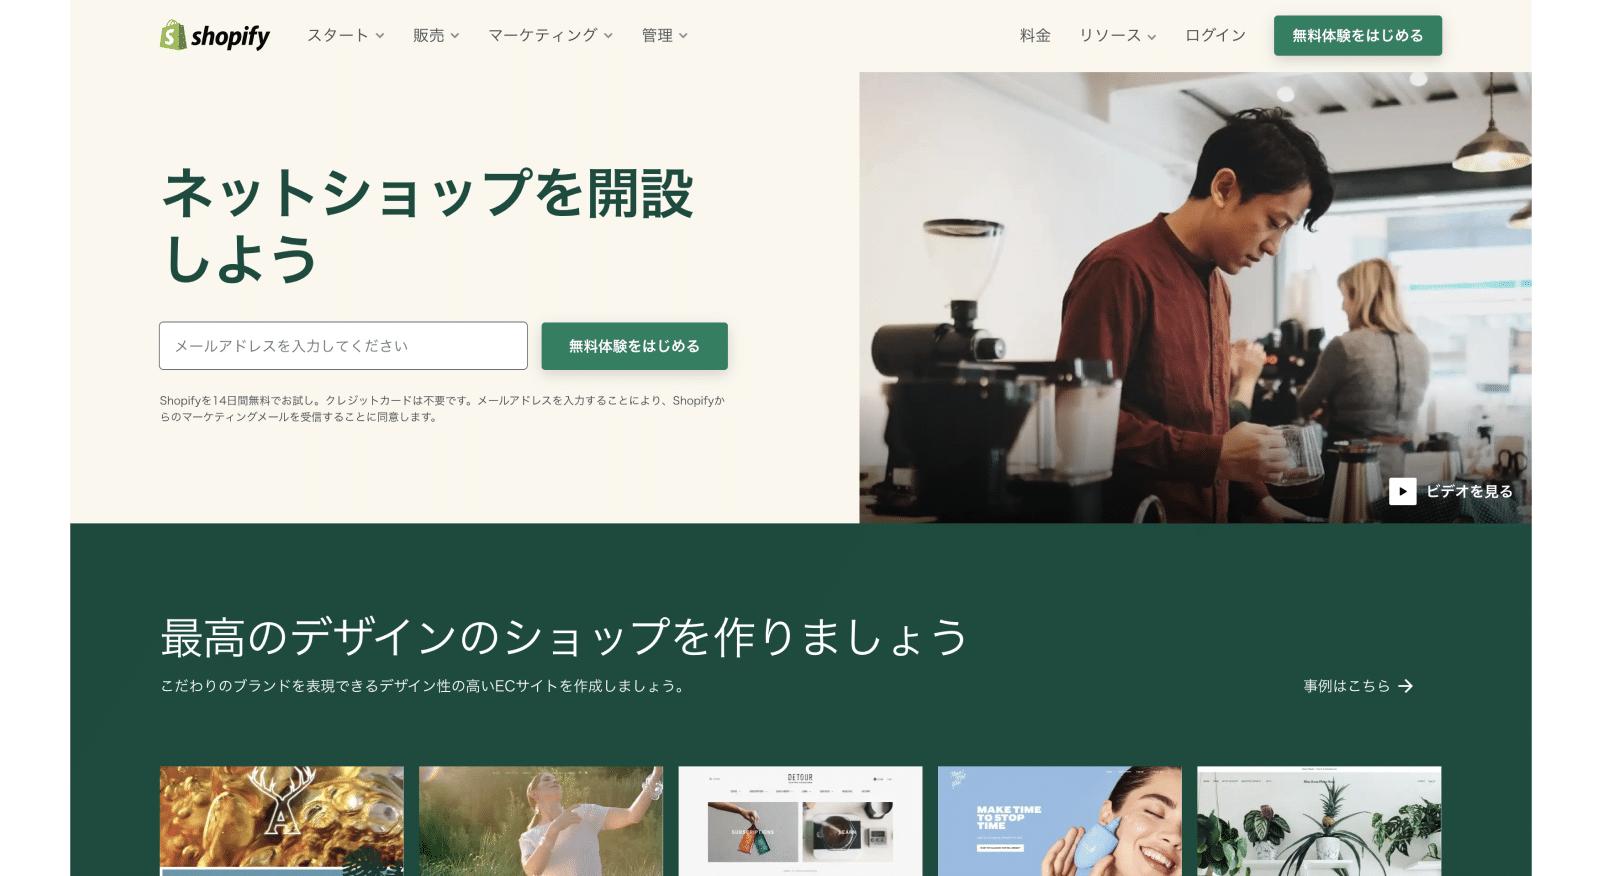 Shopifyのランディングページのスクリーンショット